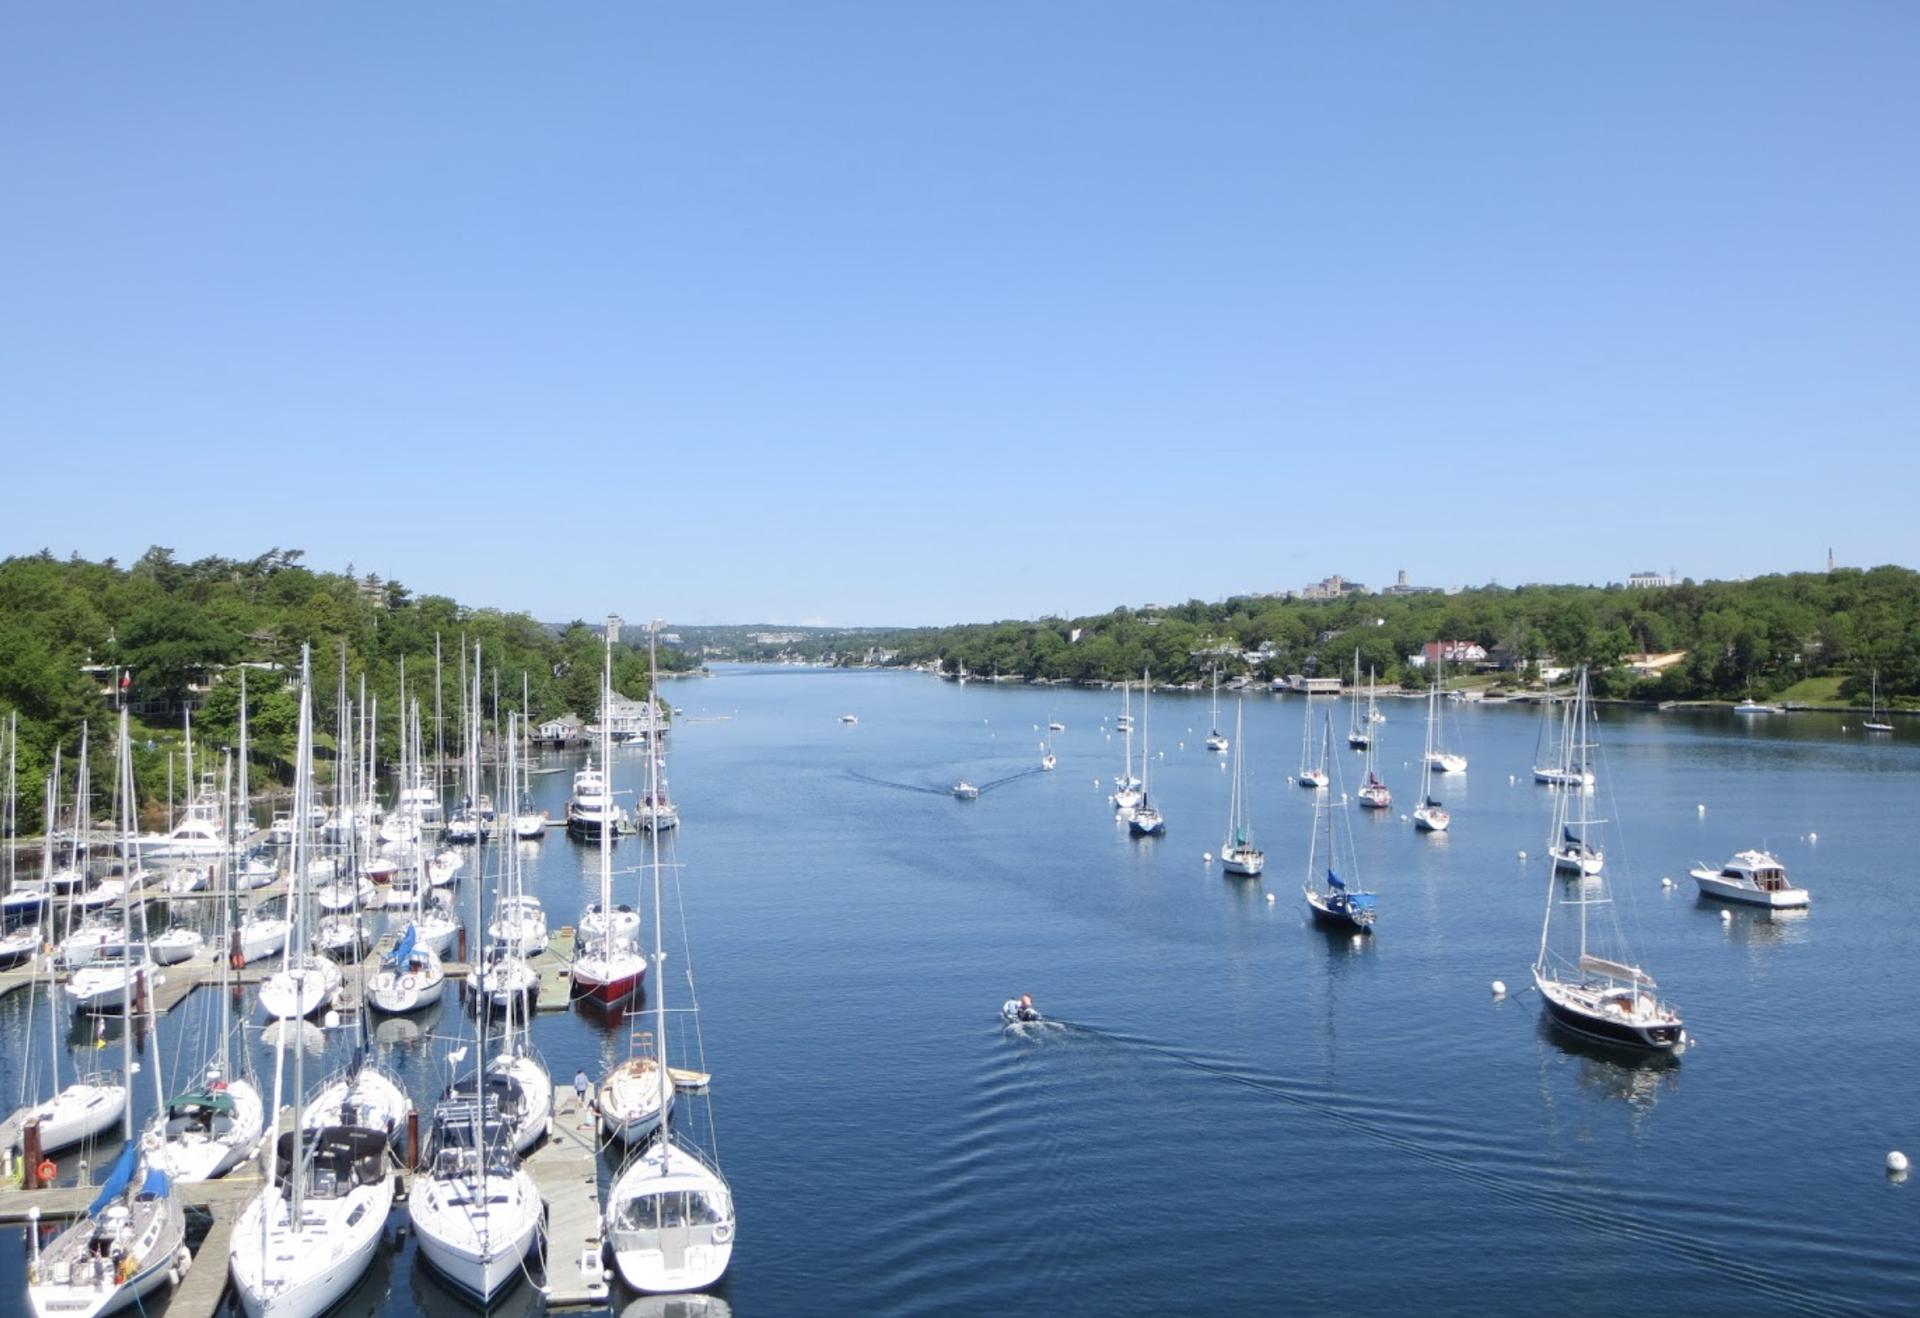 Boats at the Marina near Ocean Yacht Sales